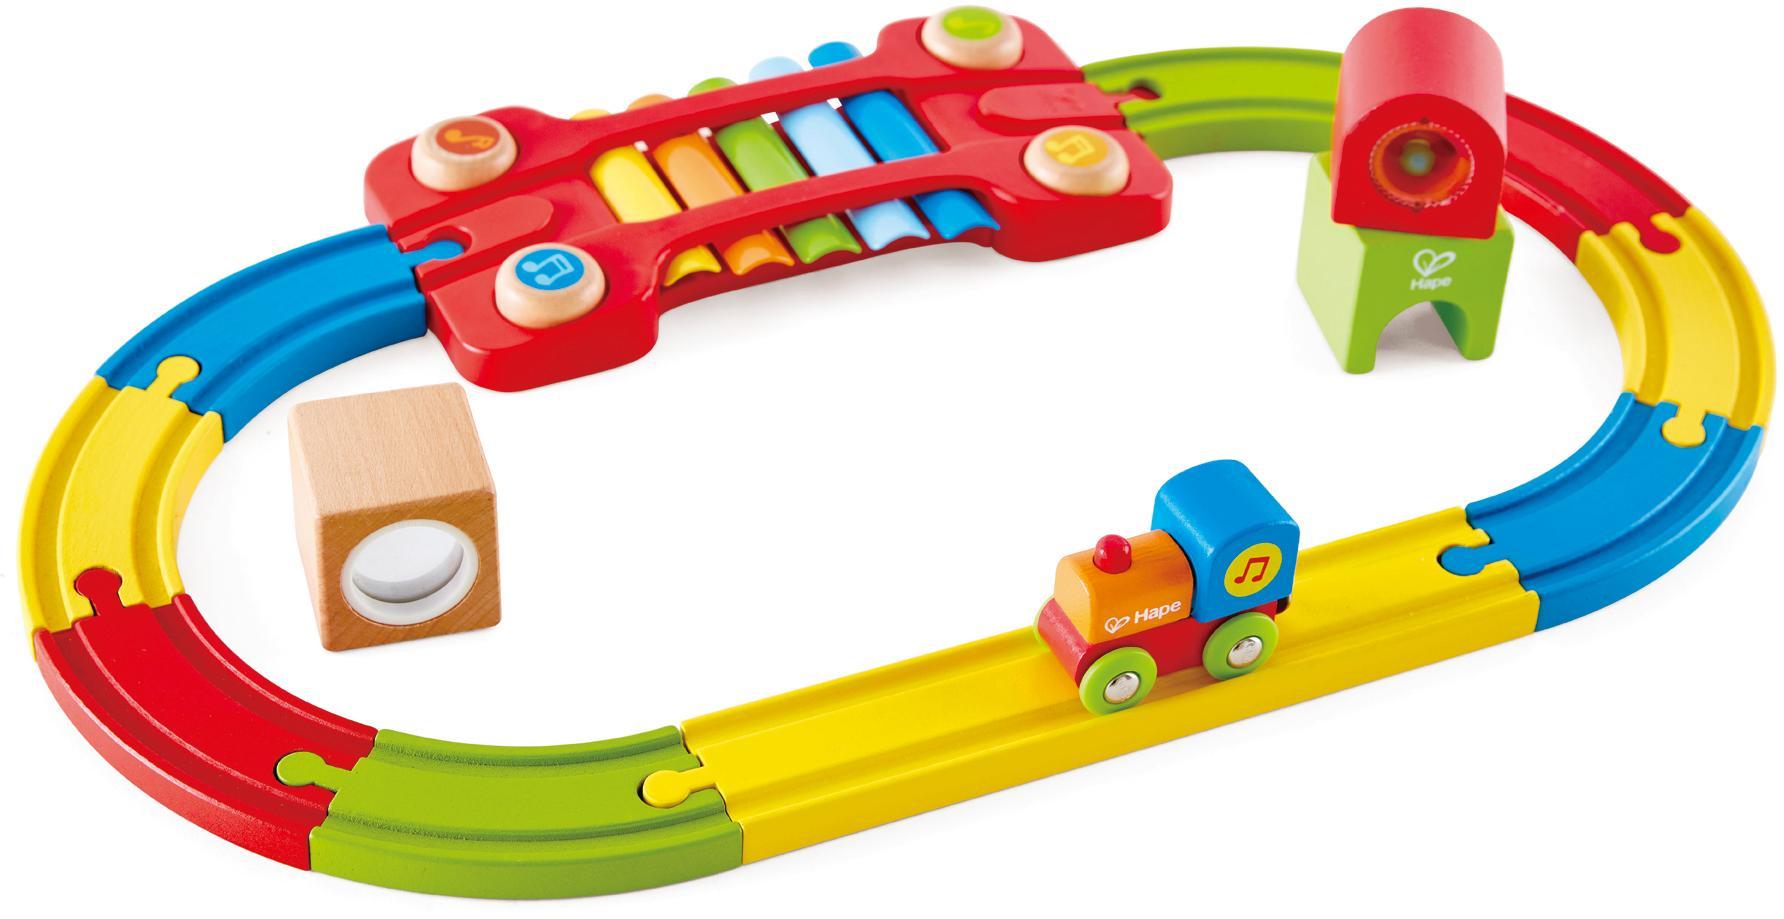 """Hape Spielzeug-Eisenbahn """"Eisenbahn der Sinne-Set"""" (Set) Technik & Freizeit/Spielzeug/Autos, Eisenbahn & Modellbau/Kindereisenbahnen"""